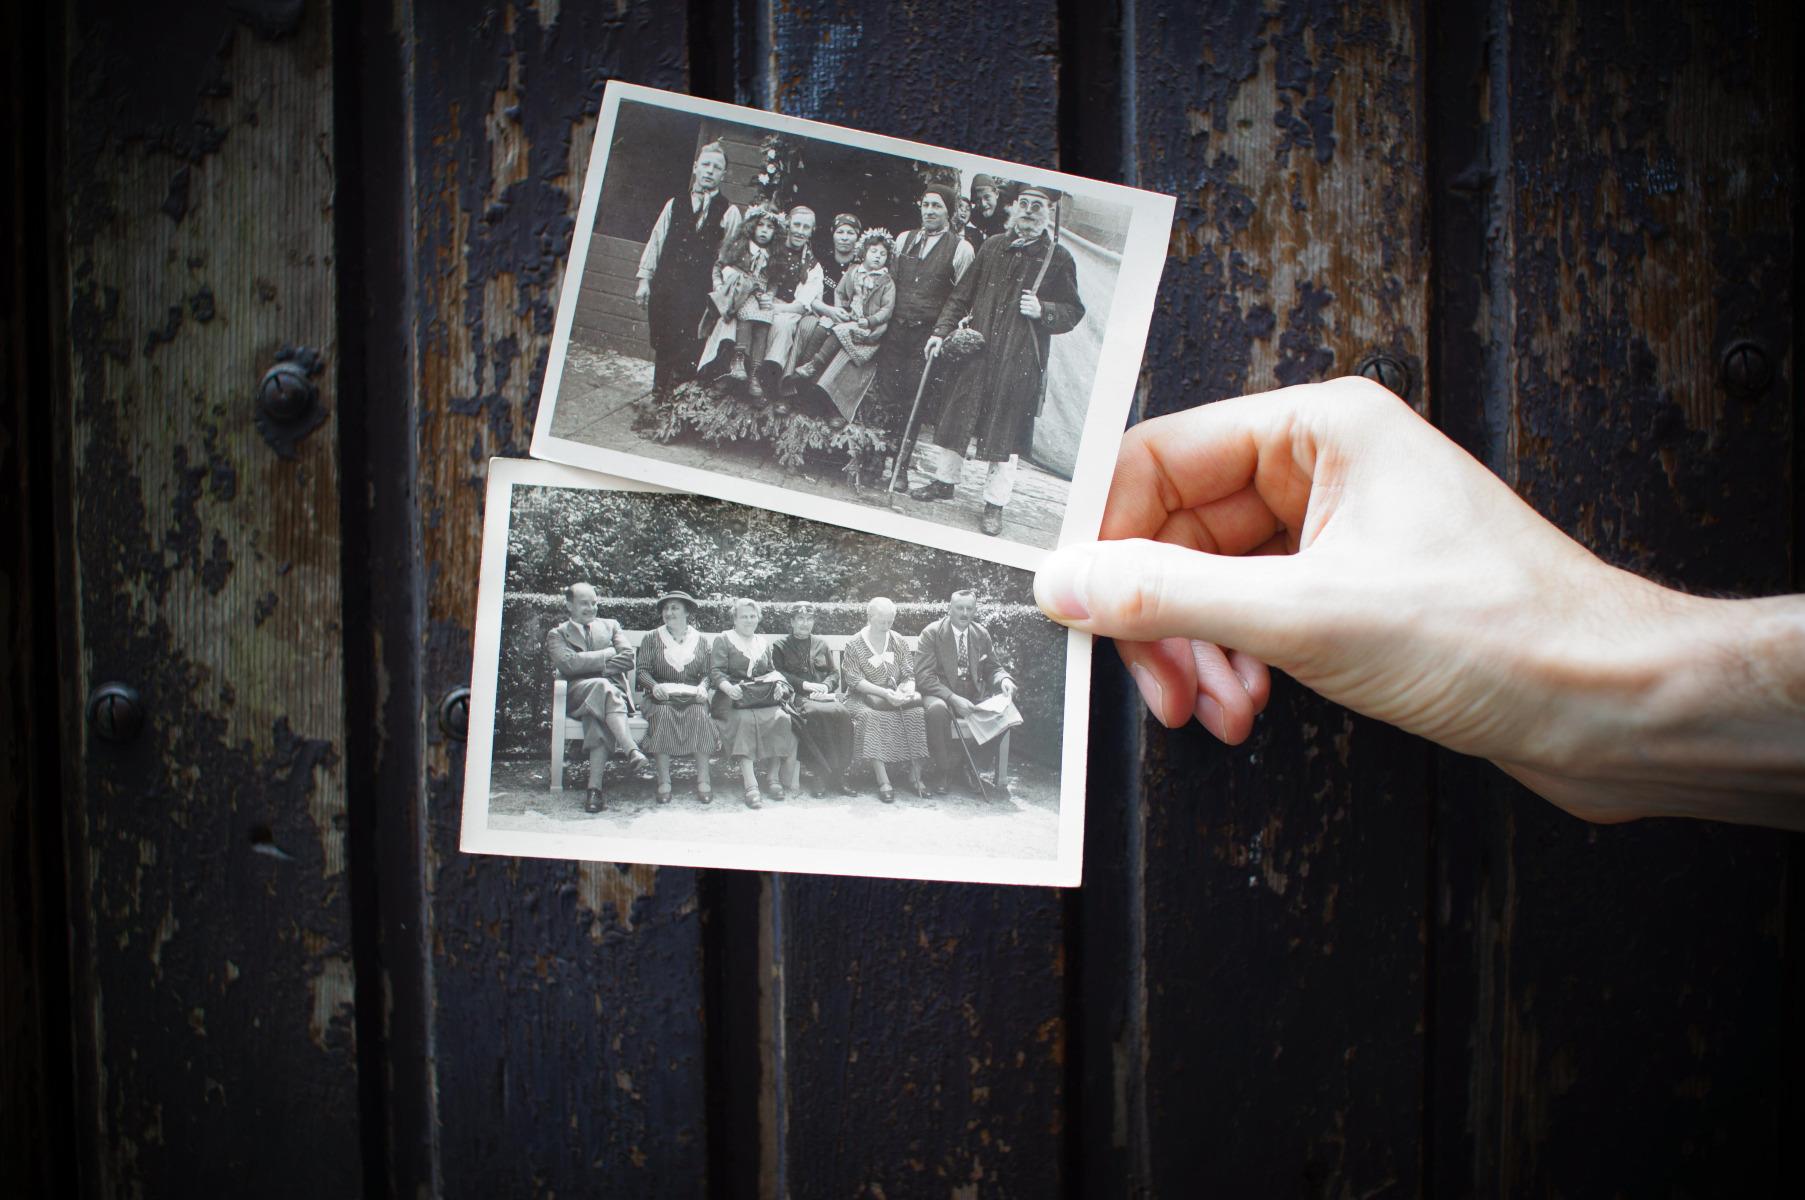 Old photos